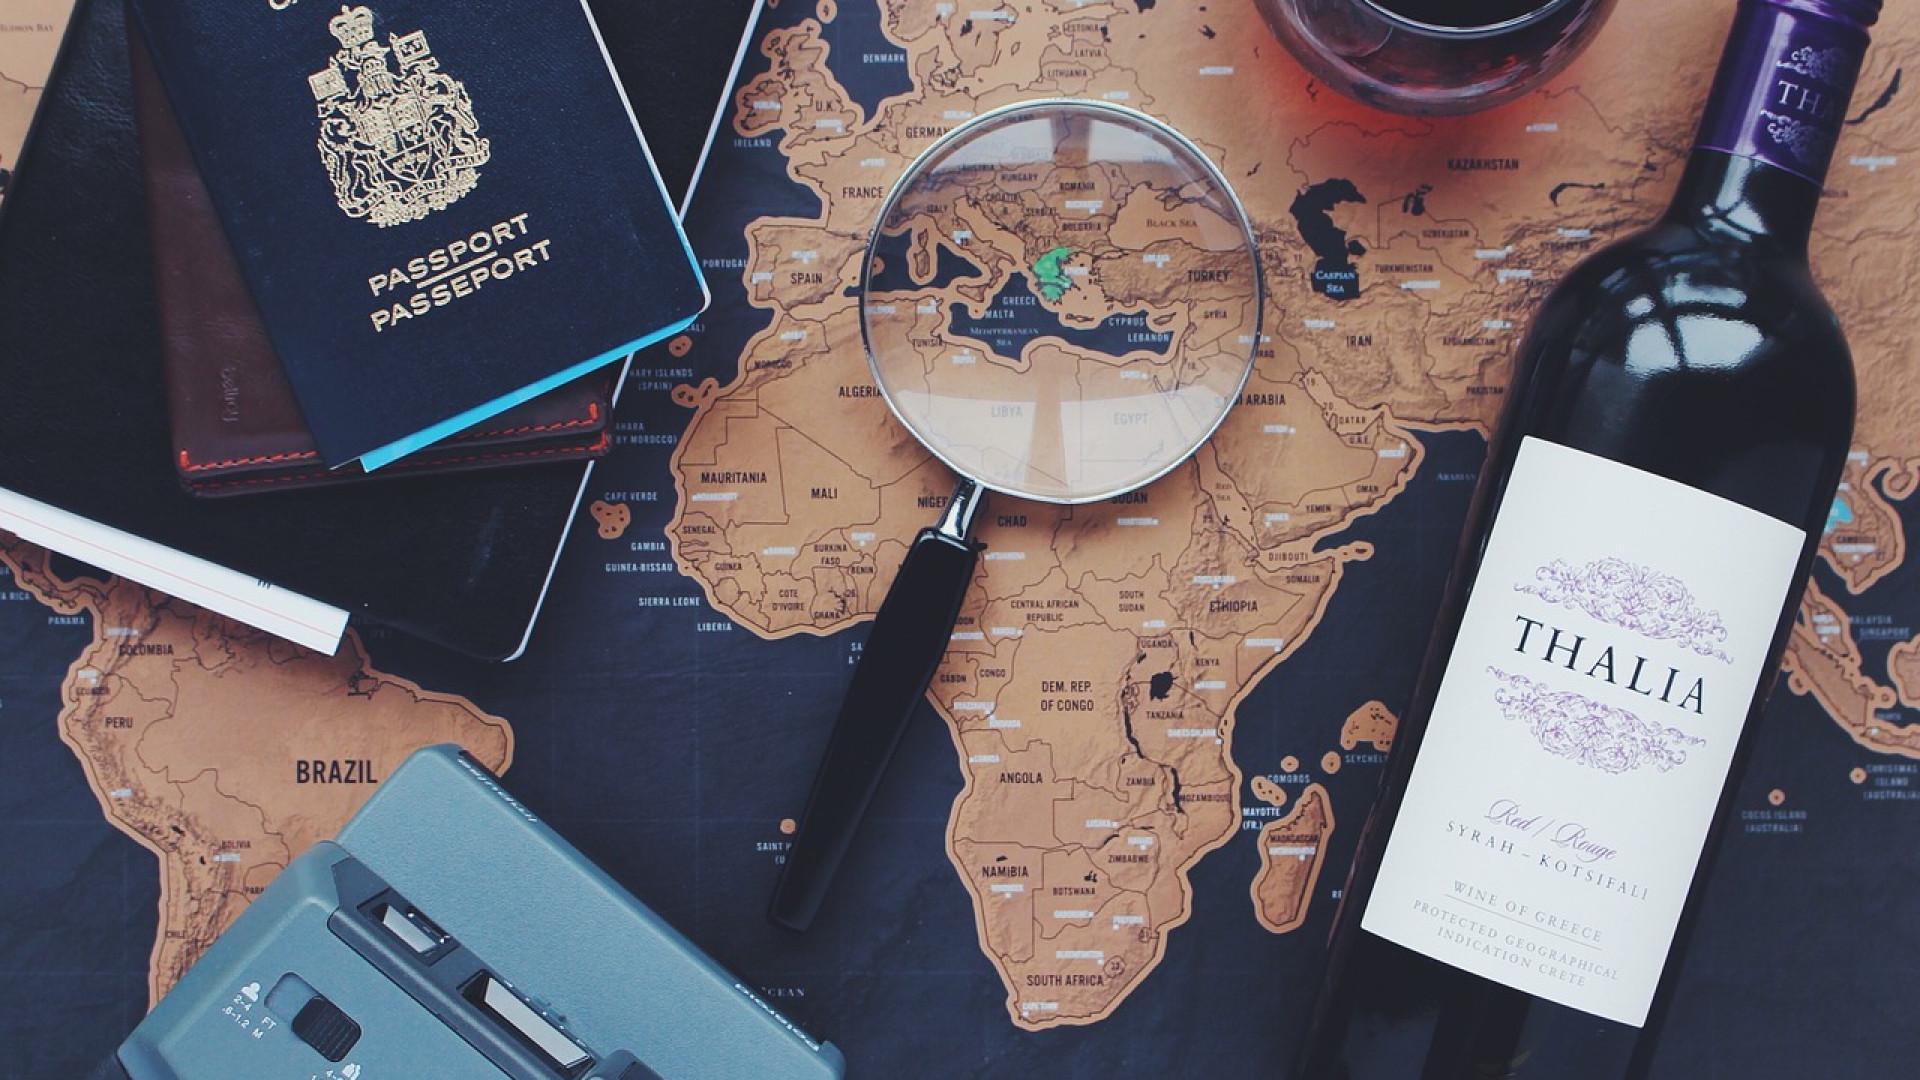 Tourisme : voyager de manière écoresponsable